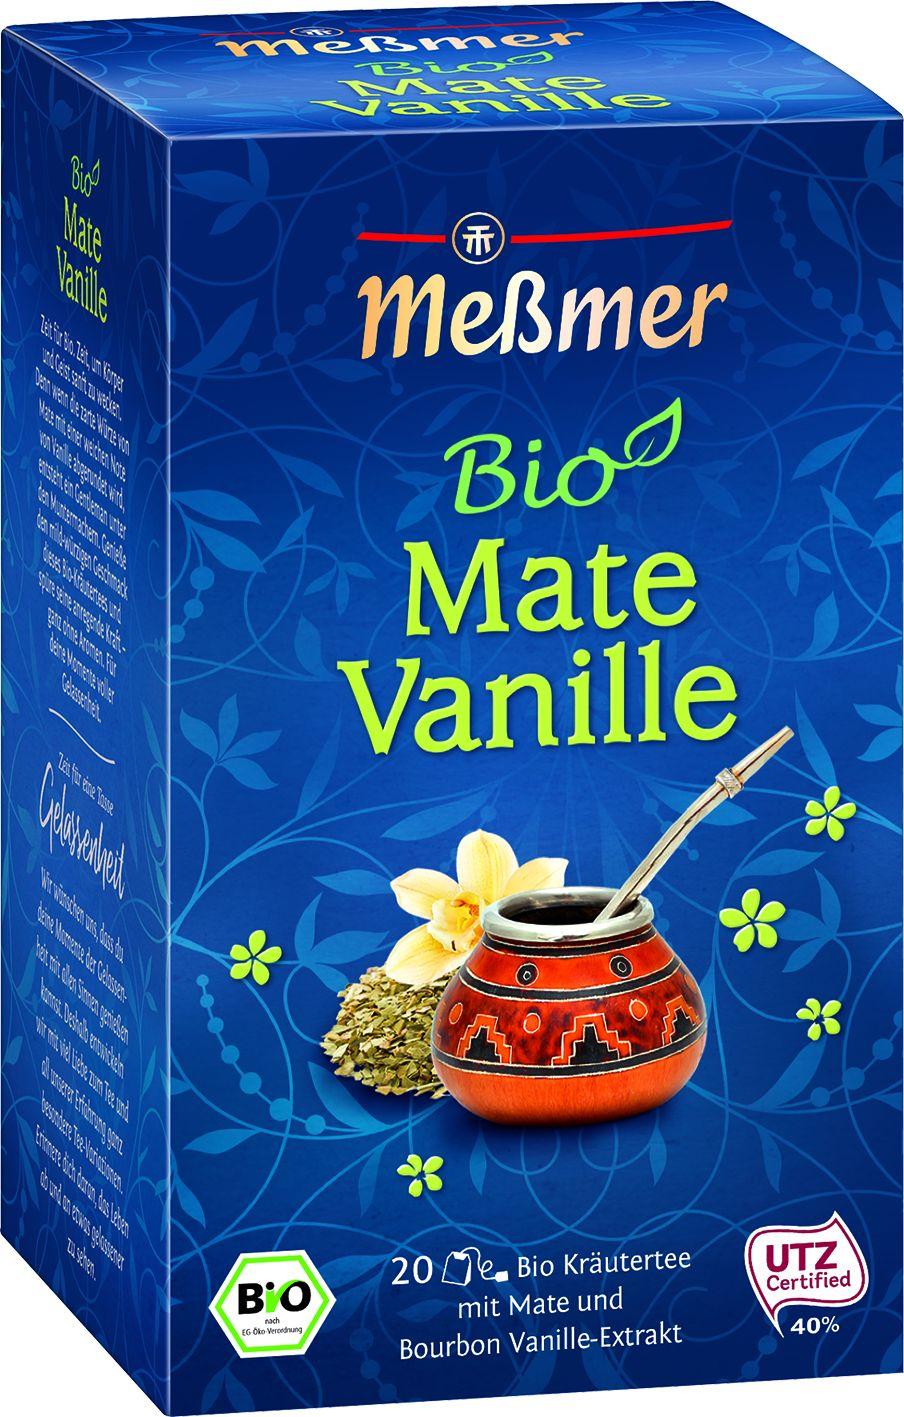 Bio Tee Mate Vanille 20 St.